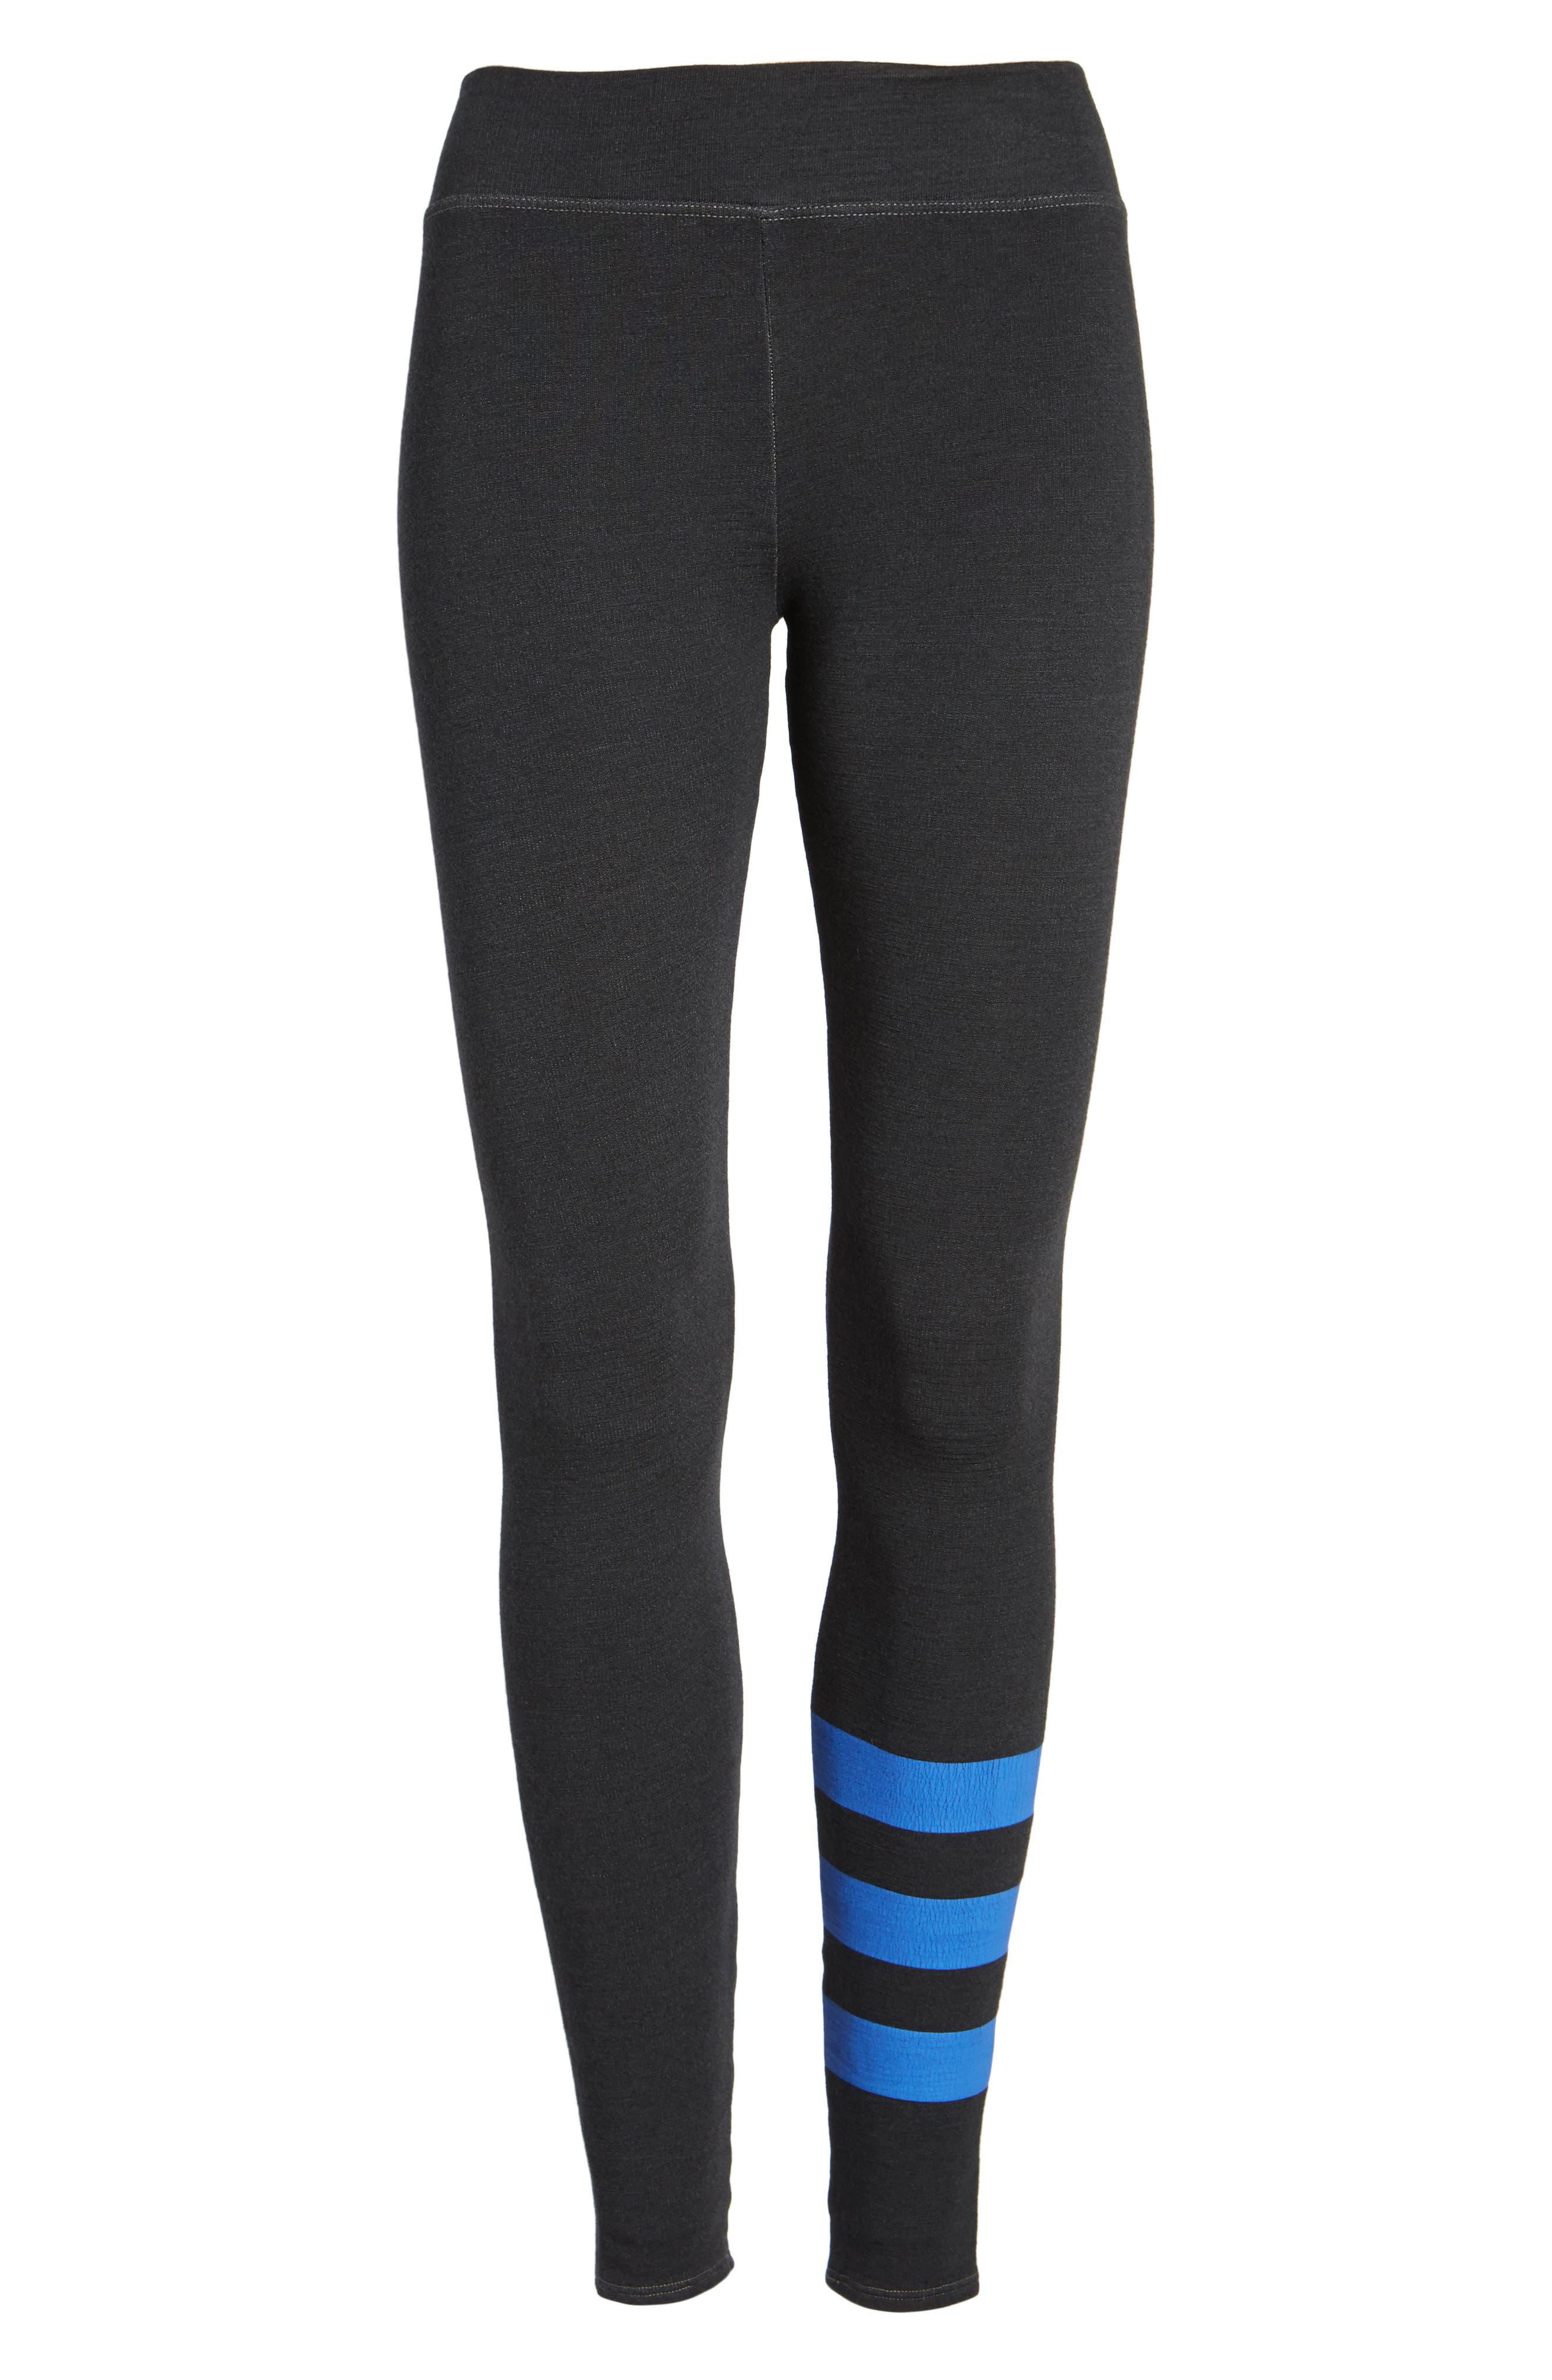 Stripe Yoga Pants,                             Alternate thumbnail 6, color,                             001